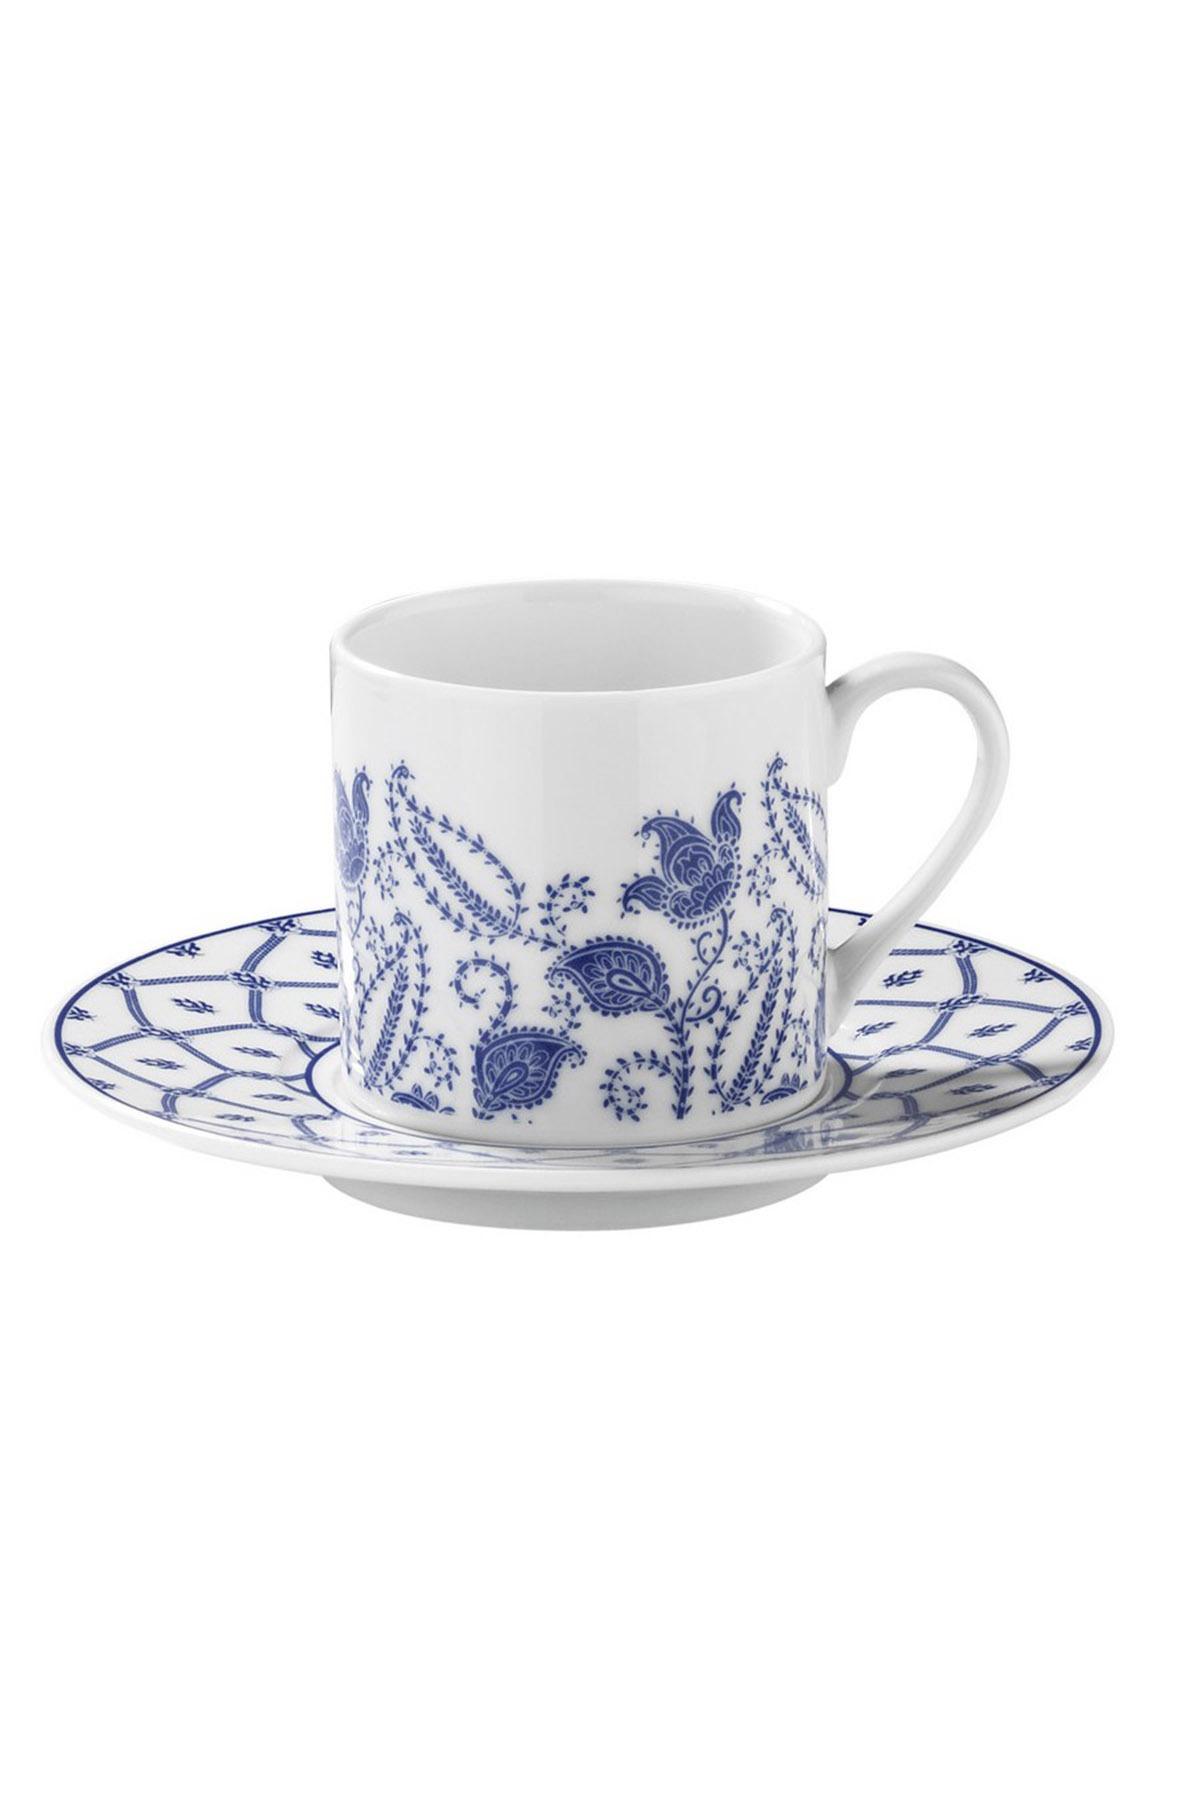 Kütahya Porselen - Kütahya Porselen Rüya 9740 Desen Kahve Fincan Takımı